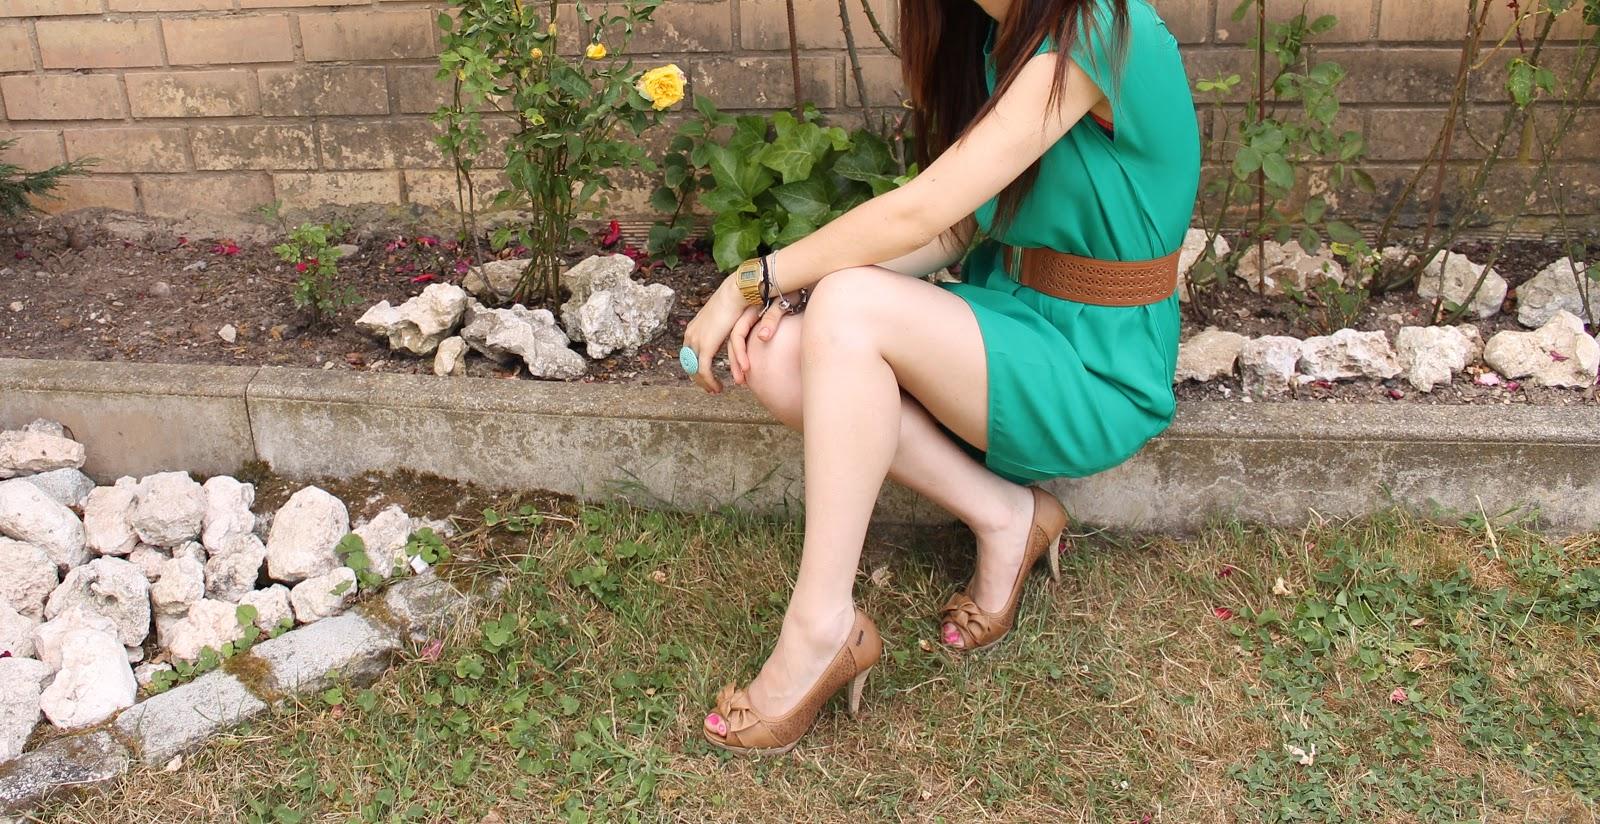 Vestido verde zapatos marrones